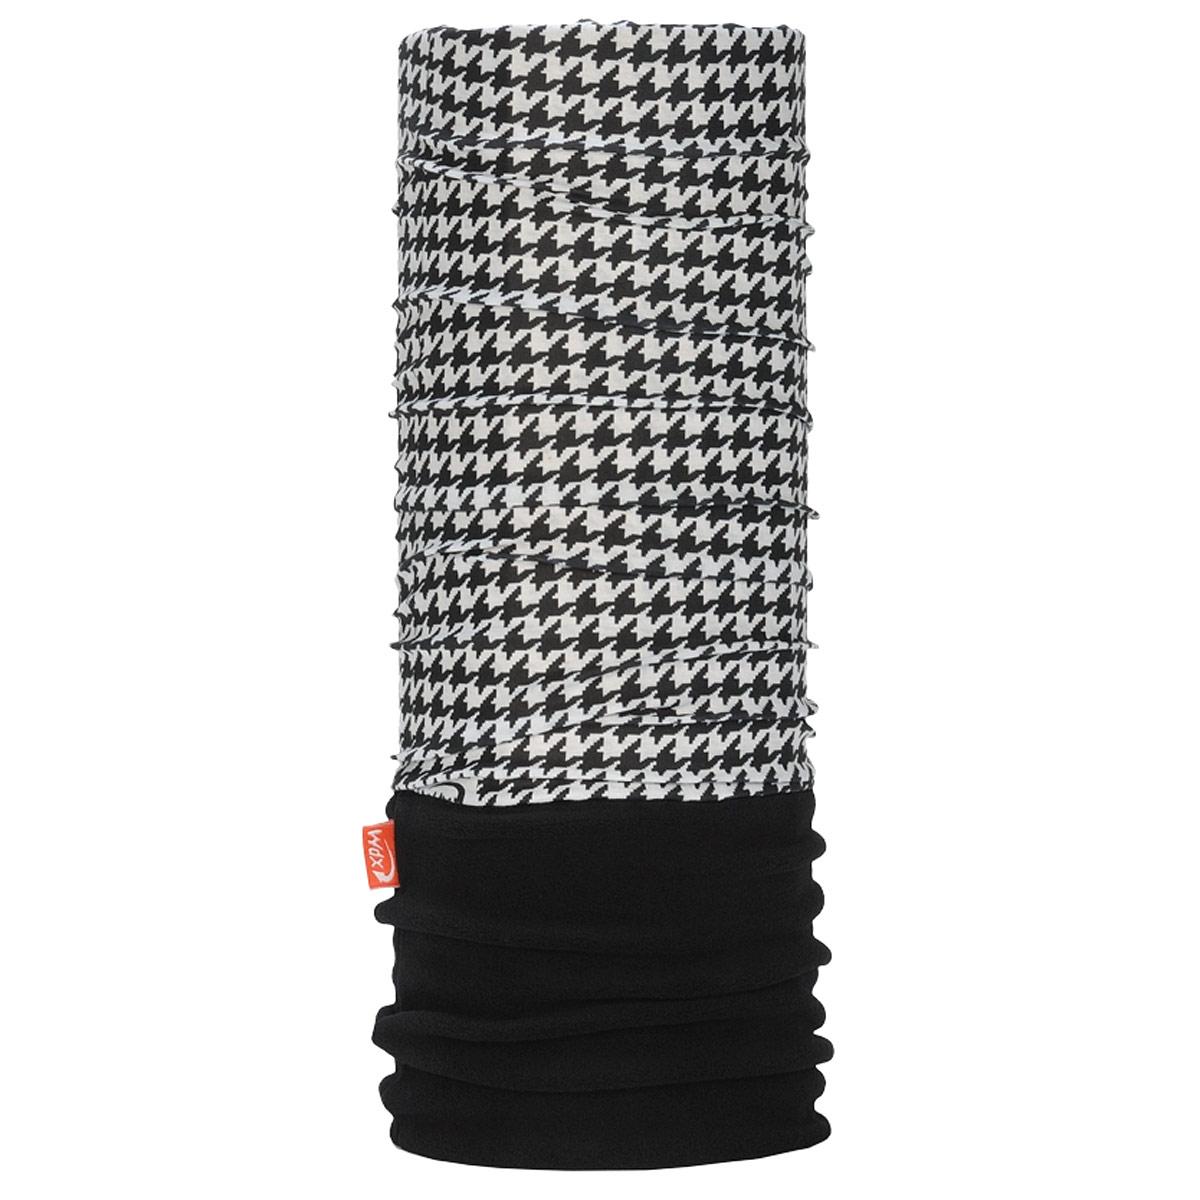 БанданаУТ-0000572102_CockМногофункциональный головной убор WindXtreme PolarWind - это очень современный предмет одежды, который защитит вас от самого лютого мороза благодаря комбинации ткани и флиса. Его можно использовать как: шарф, шейный платок, бандану, повязку, ленту для волос, балаклаву и шапку. Подходит для занятий бегом, походов, скалолазания, езды на велосипеде, сноуборда, катания на лыжах, мотоциклах, игры в хоккей, а так же для повседневного использования. Сочетание ткани и флиса Pilhot из микроволокна гарантируют дополнительные тепло и комфорт, отведение влаги, быстрое высыхание, очень эластичны, принимают практически любую форму. Обладает антибактериальным эффектом. Уважаемые клиенты! Размер, доступный для заказа, является обхватом головы.